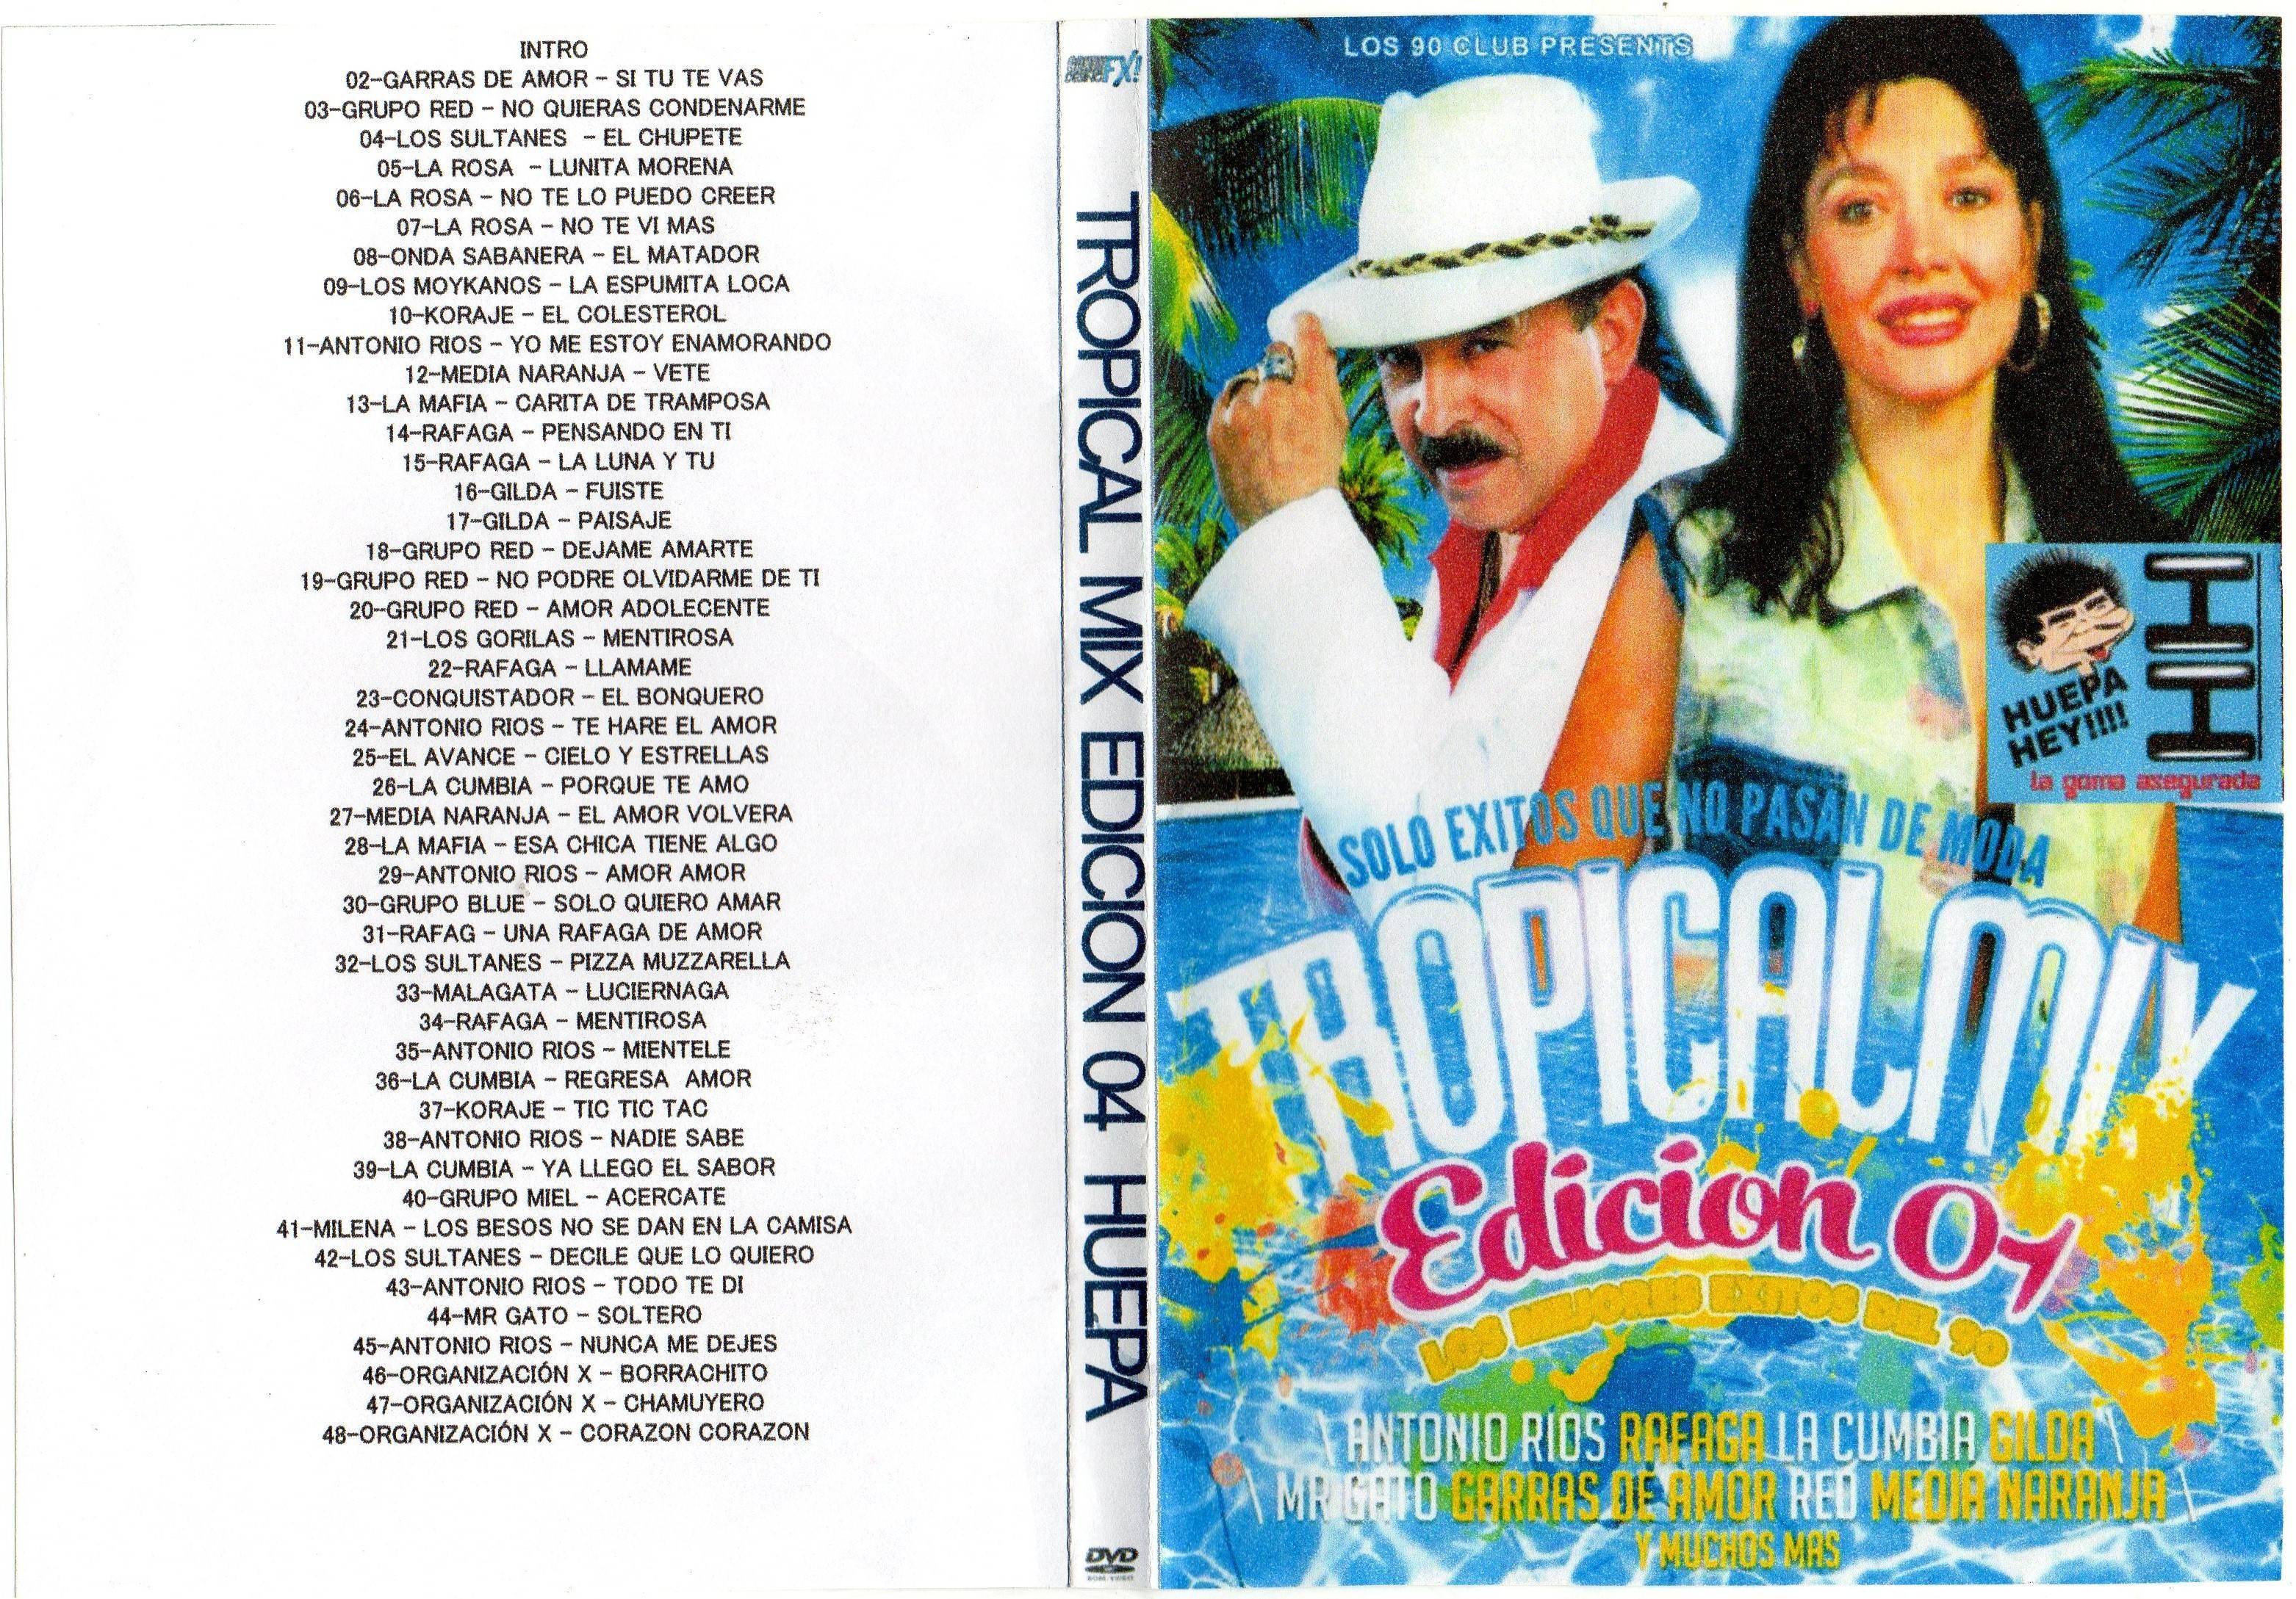 Tropi Mix de los 90 Video Cumbia Enganchada